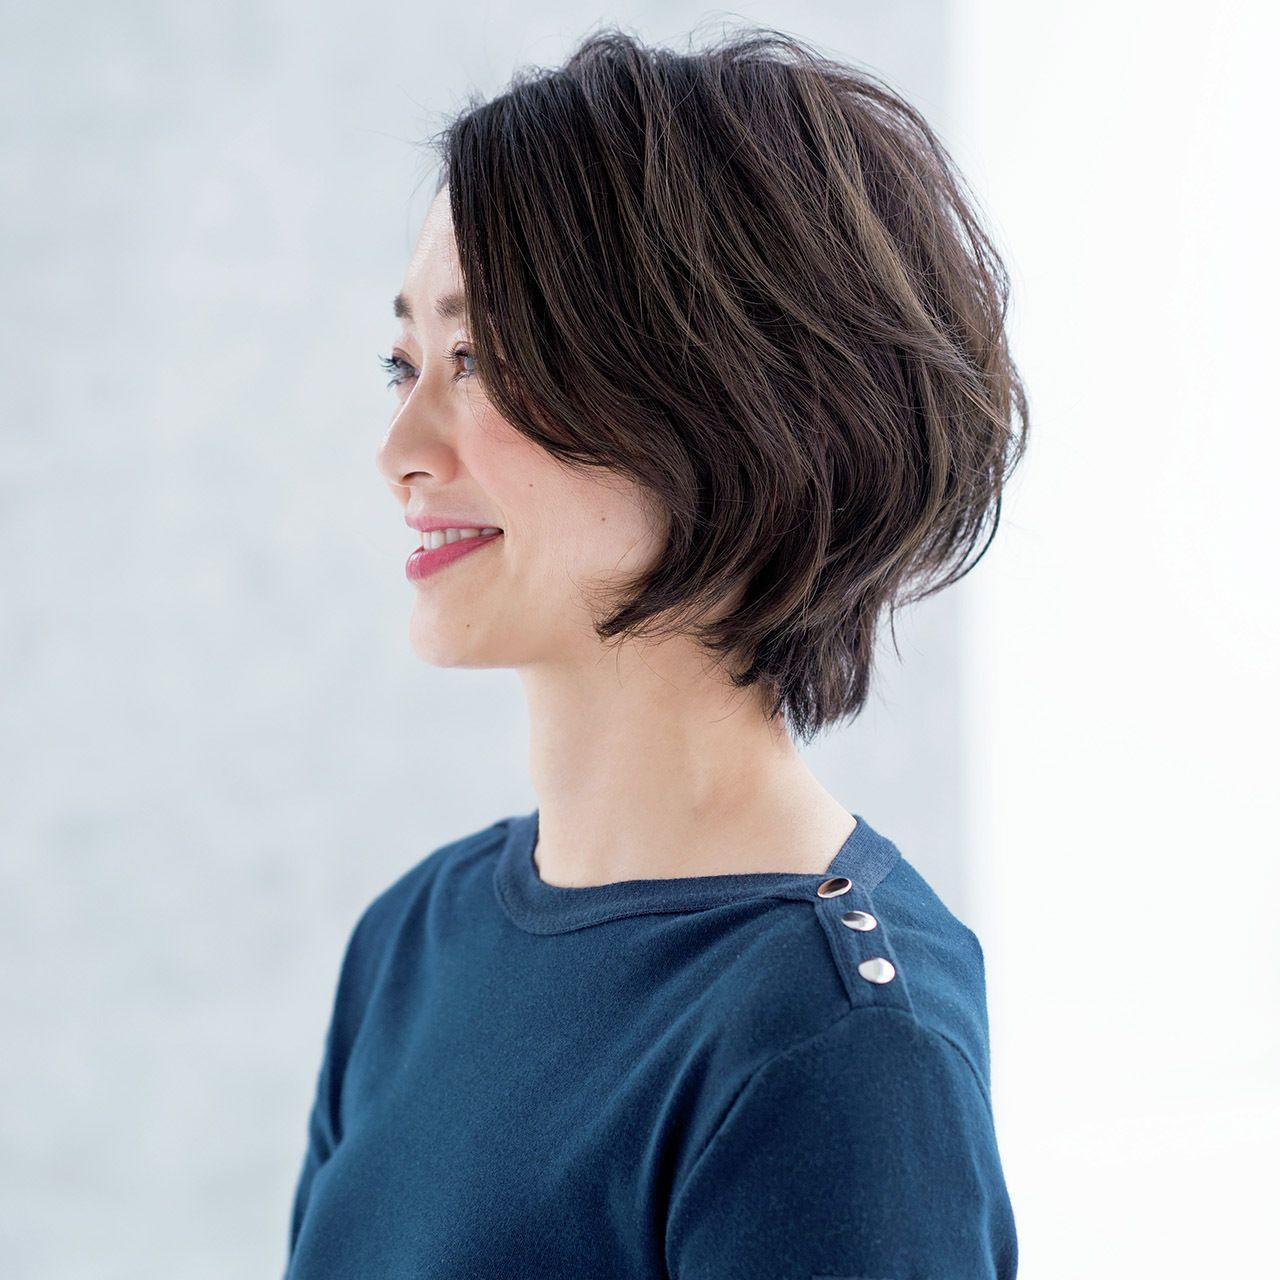 富岡佳子 ブレンダも登場 大人のための2019年春ヘアスタイル